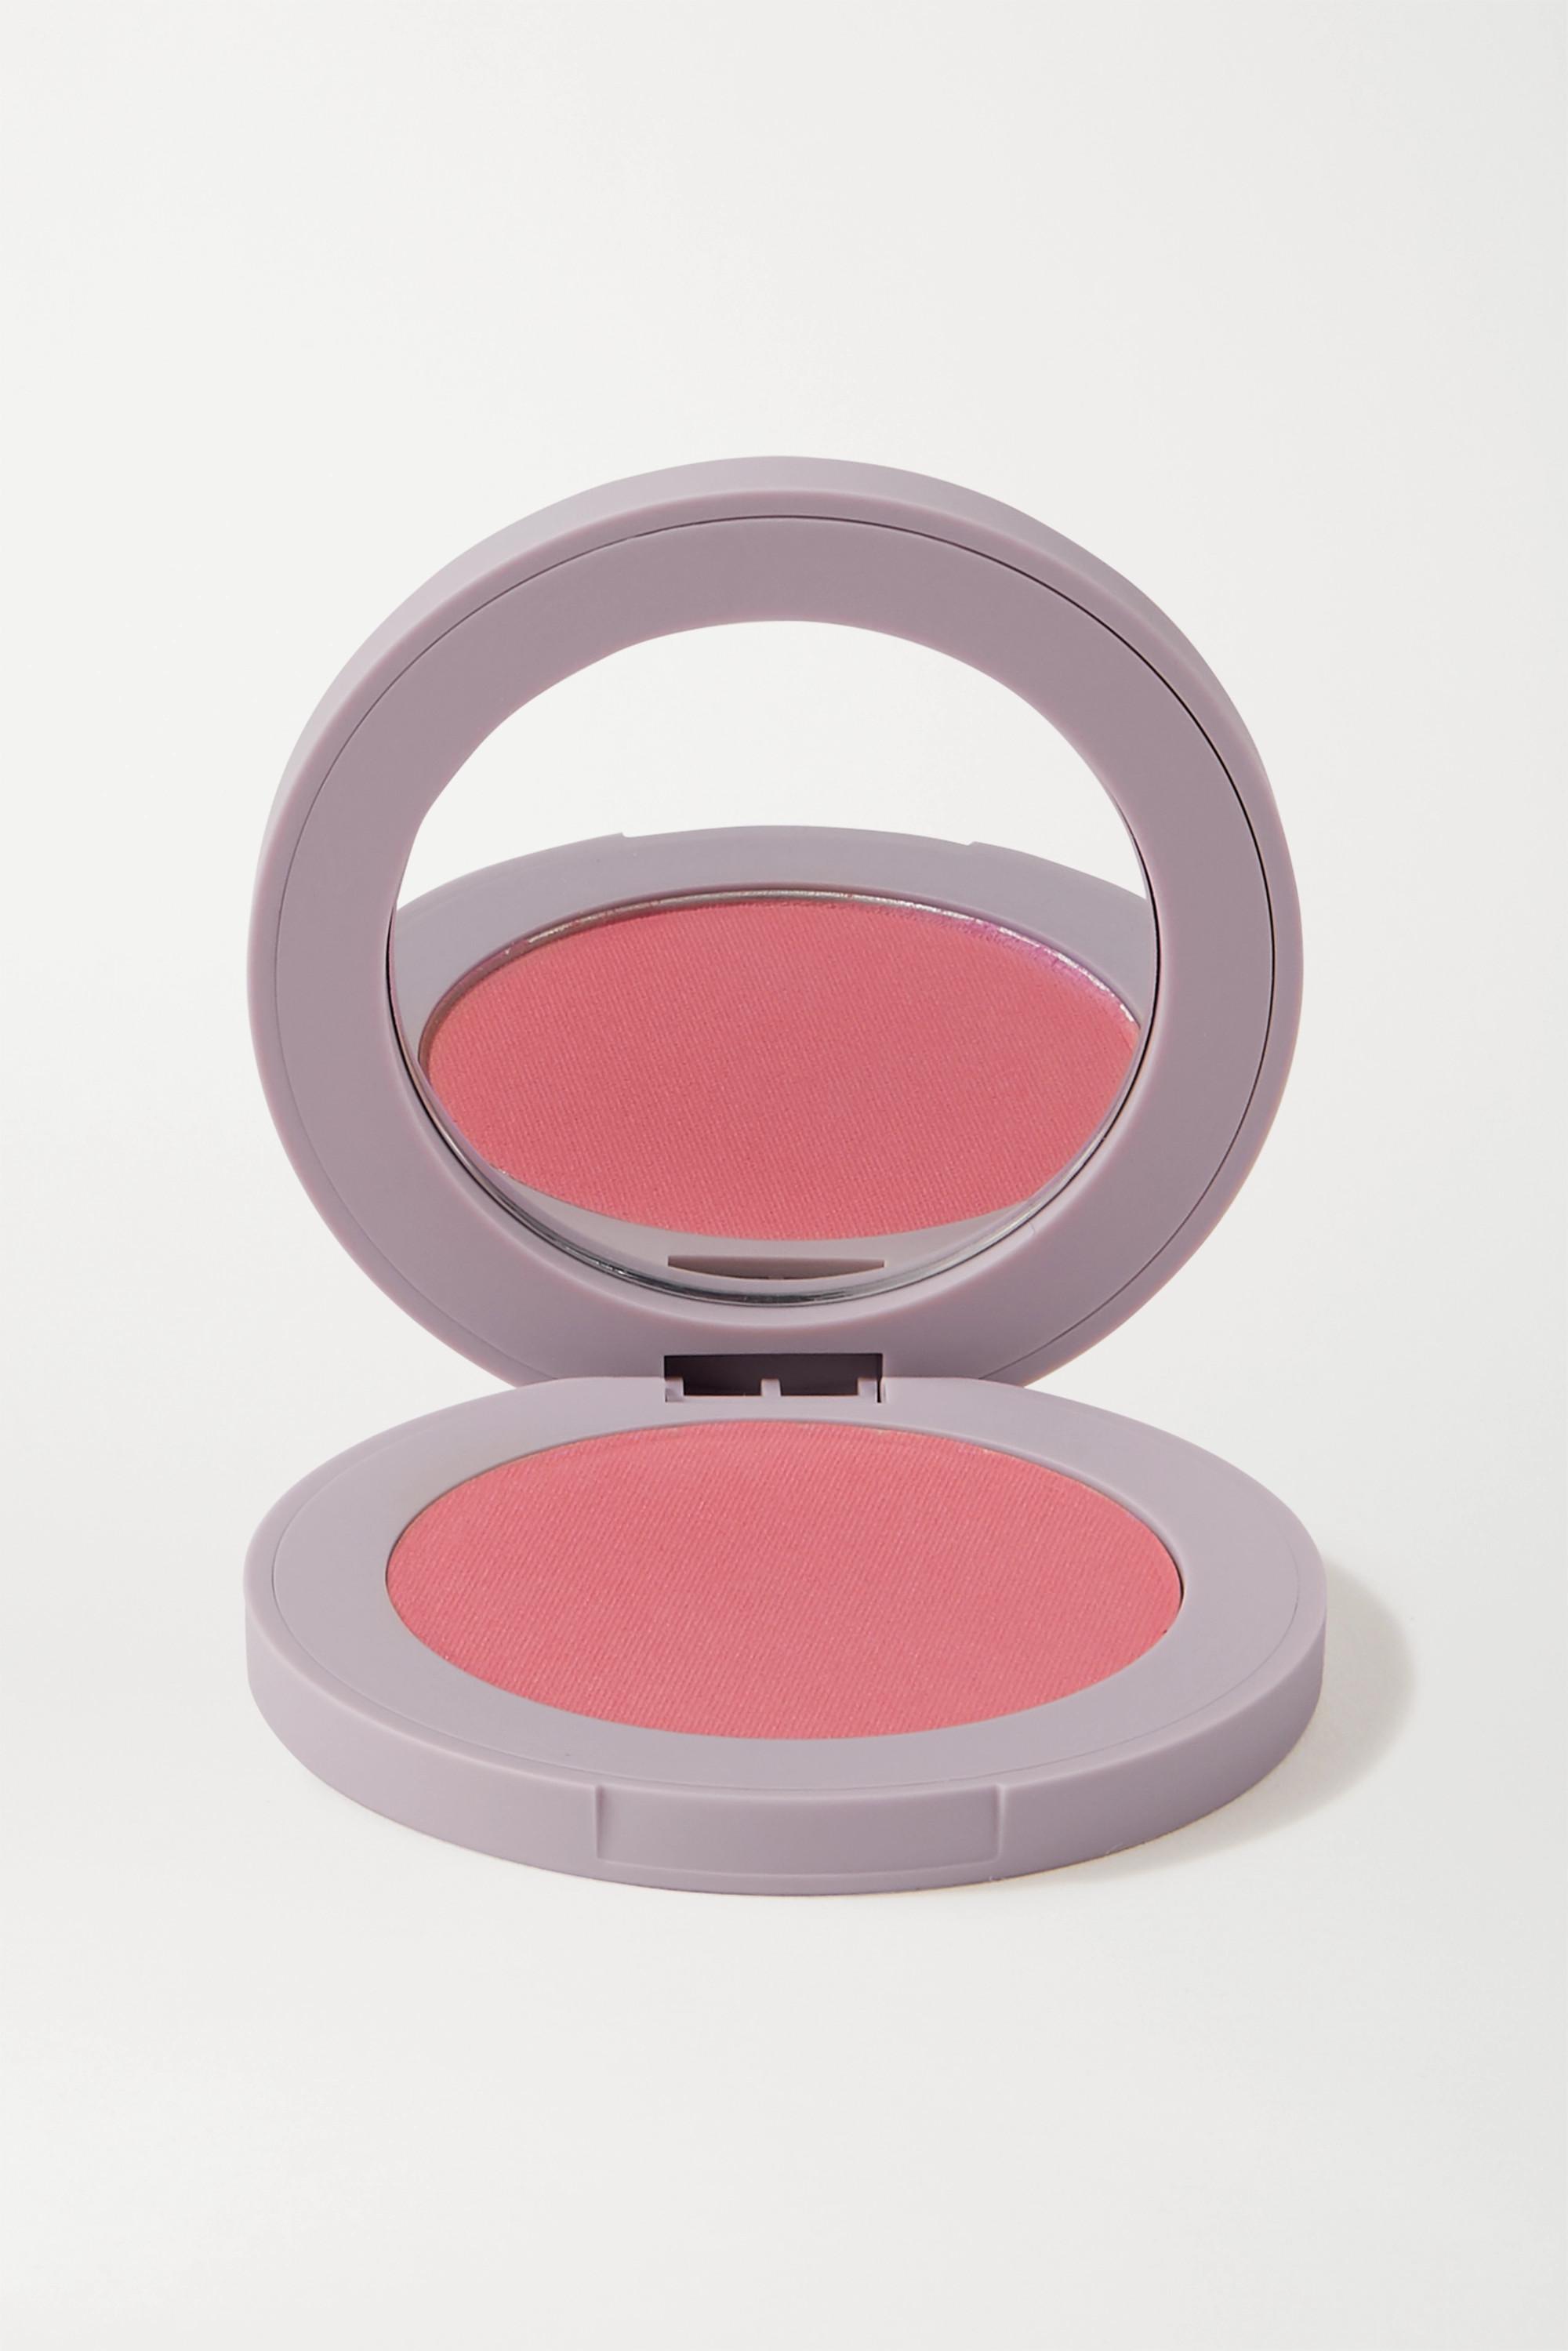 Vapour Beauty Blush Powder – Mischief – Rouge